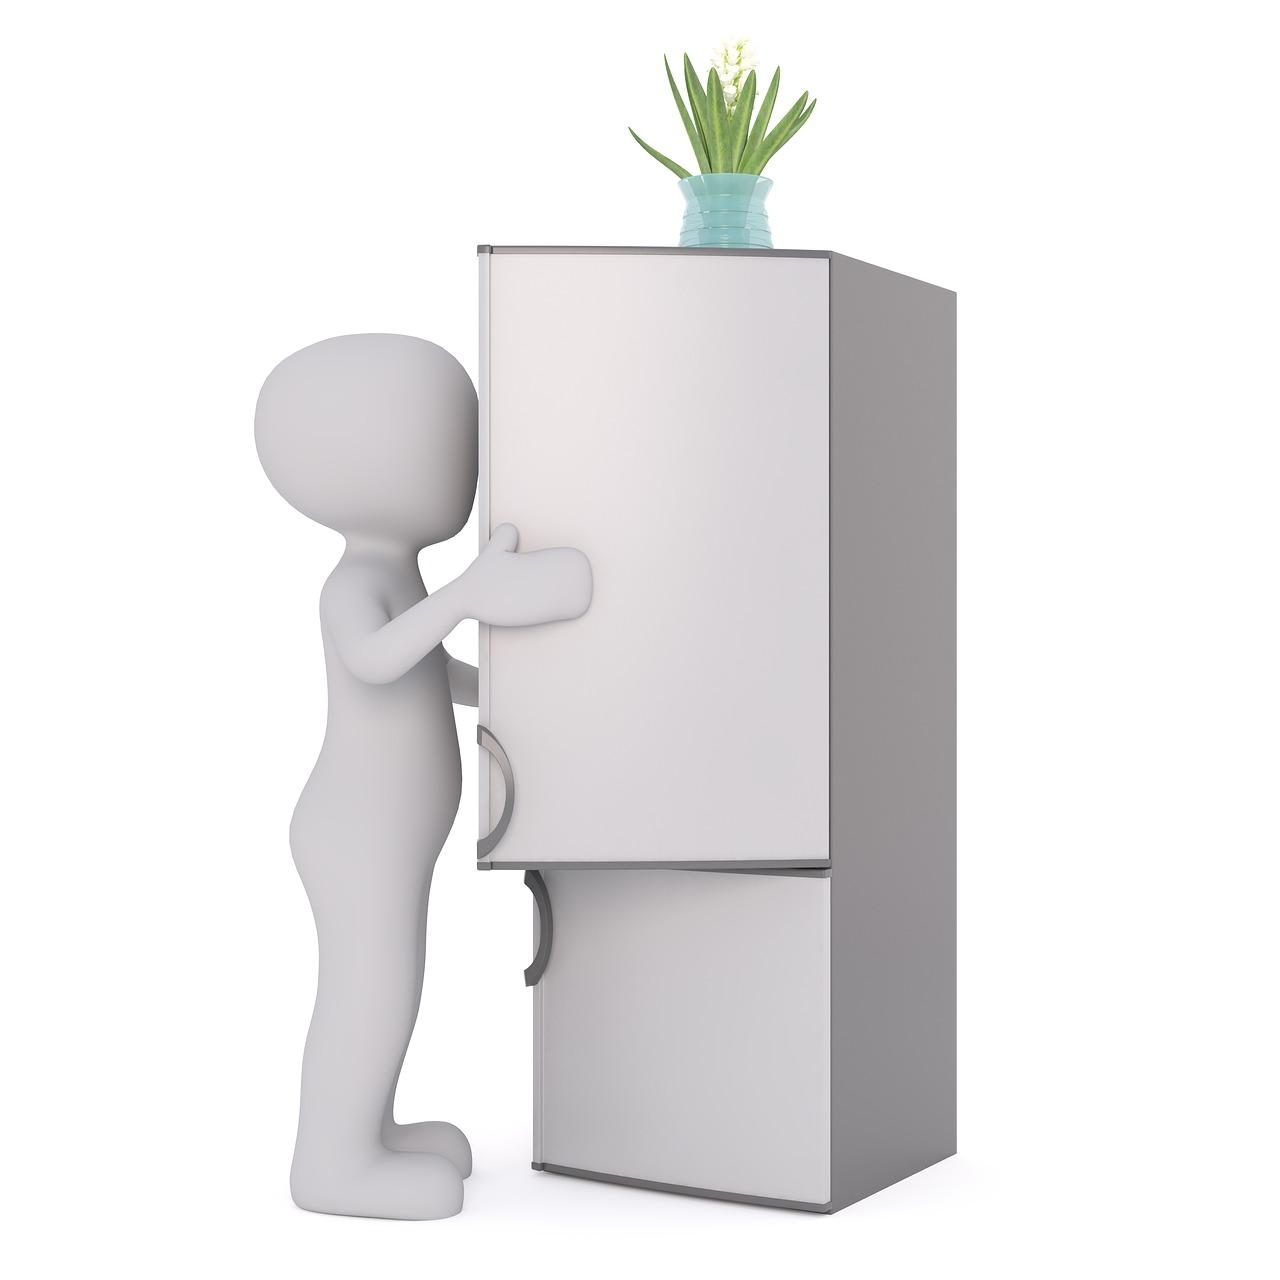 冷蔵庫を運ぶ。